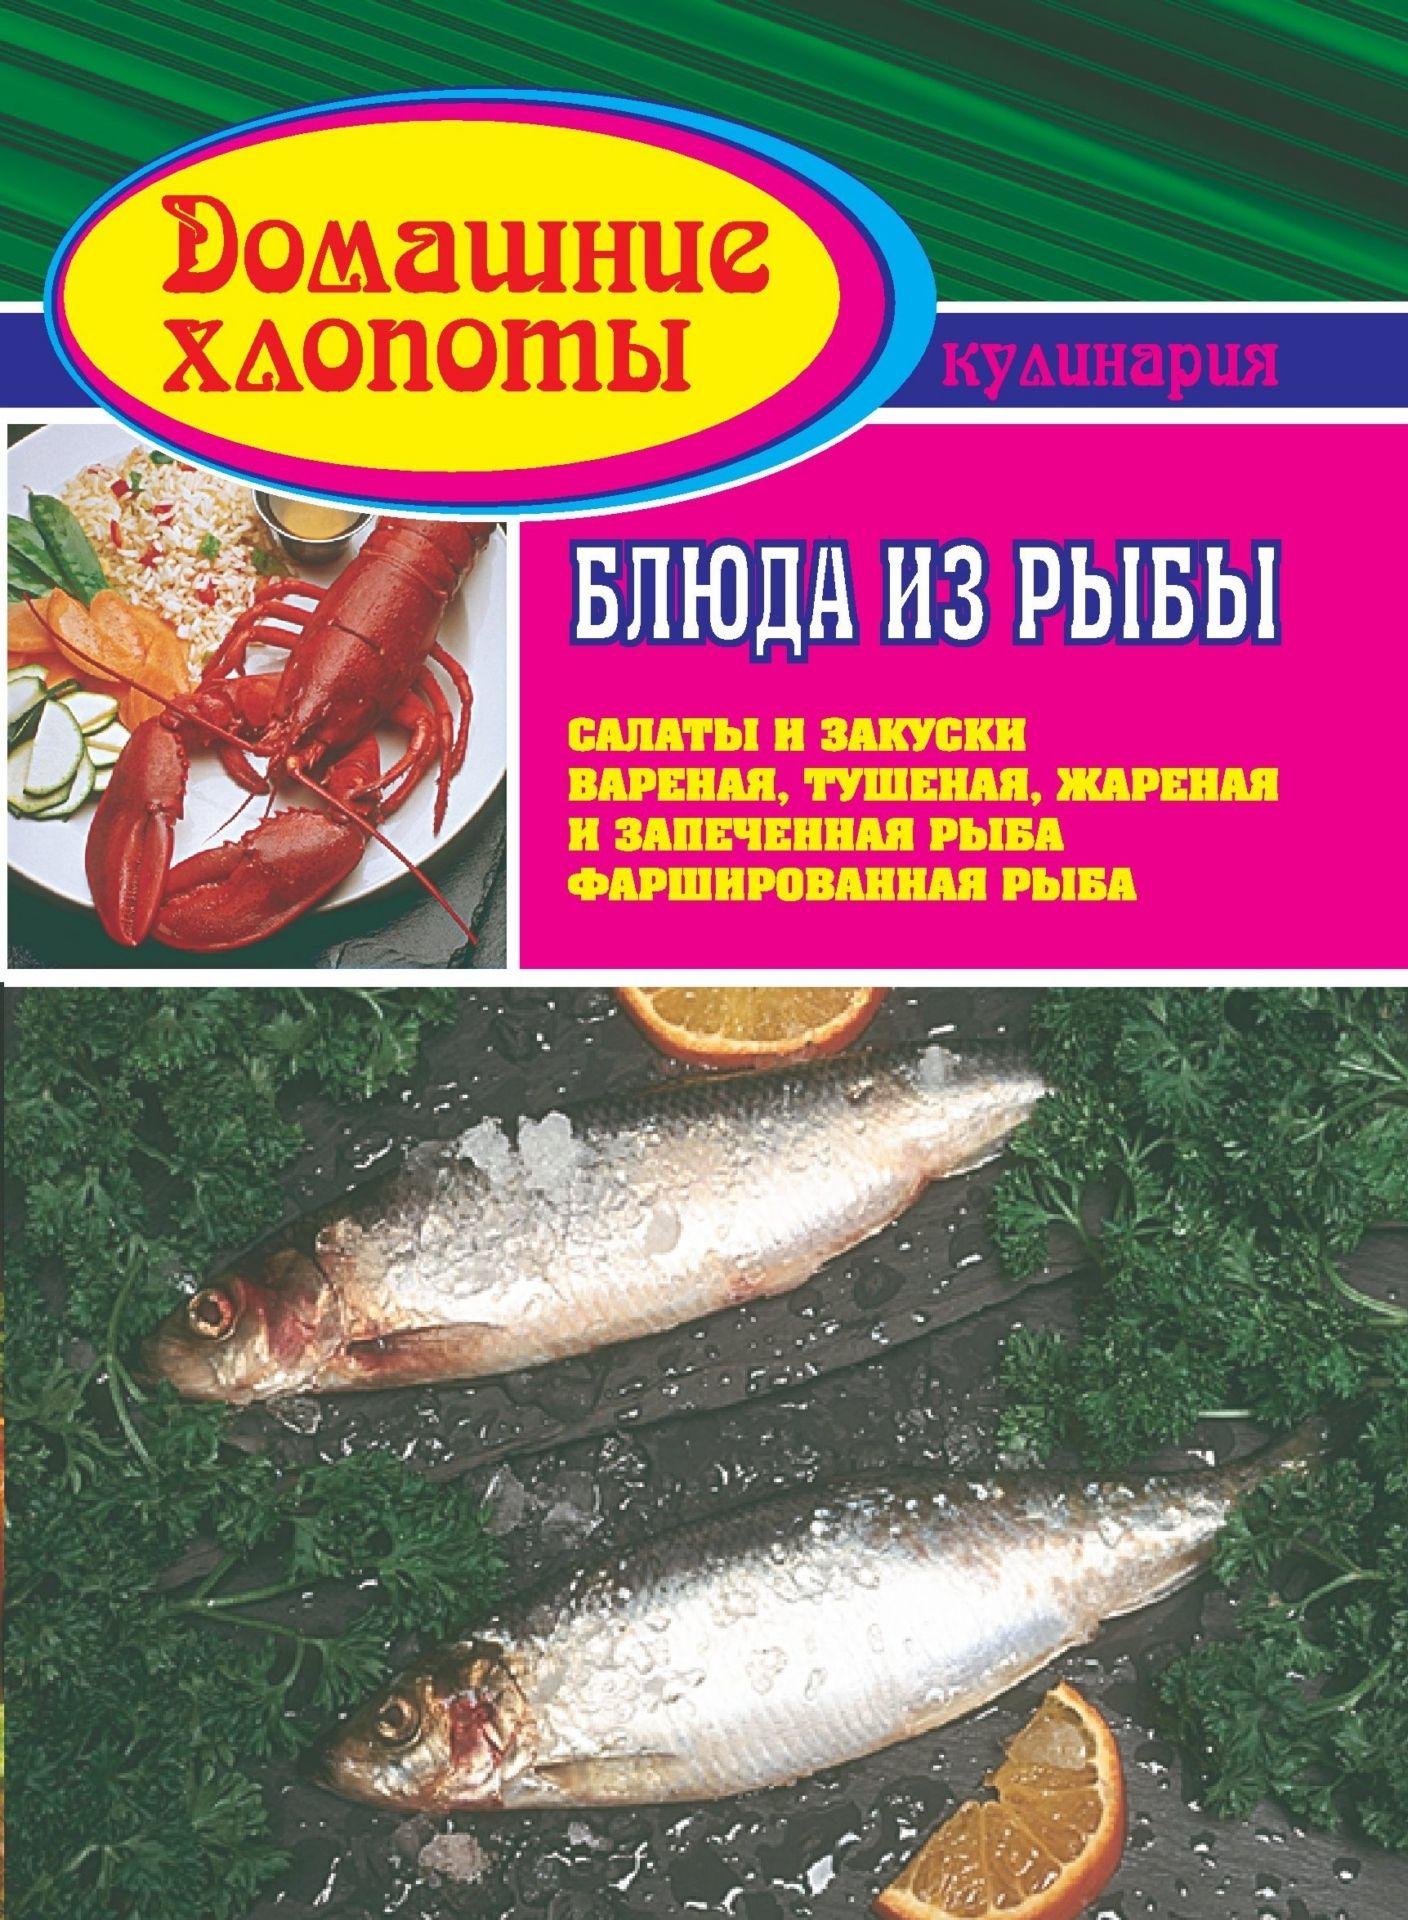 Блюда из рыбы. Салаты и закуски. Вареная, тушеная, жареная и запеченная рыба, фаршированная рыбаДом, семья<br>Предлагаем вашему вниманию рецепты разнообразных рыбных блюд к праздничному столу, наиболее доступных для приготовления в наших условиях. Надеемся, что эти рецепты придутся по вкусу вам и вашим гостям.<br><br>Авторы: Пацанова И. И.<br>Год: 2003<br>Серия: Домашние хлопоты<br>ISBN: 5-7057-0046-6<br>Высота: 195<br>Ширина: 140<br>Толщина: 1